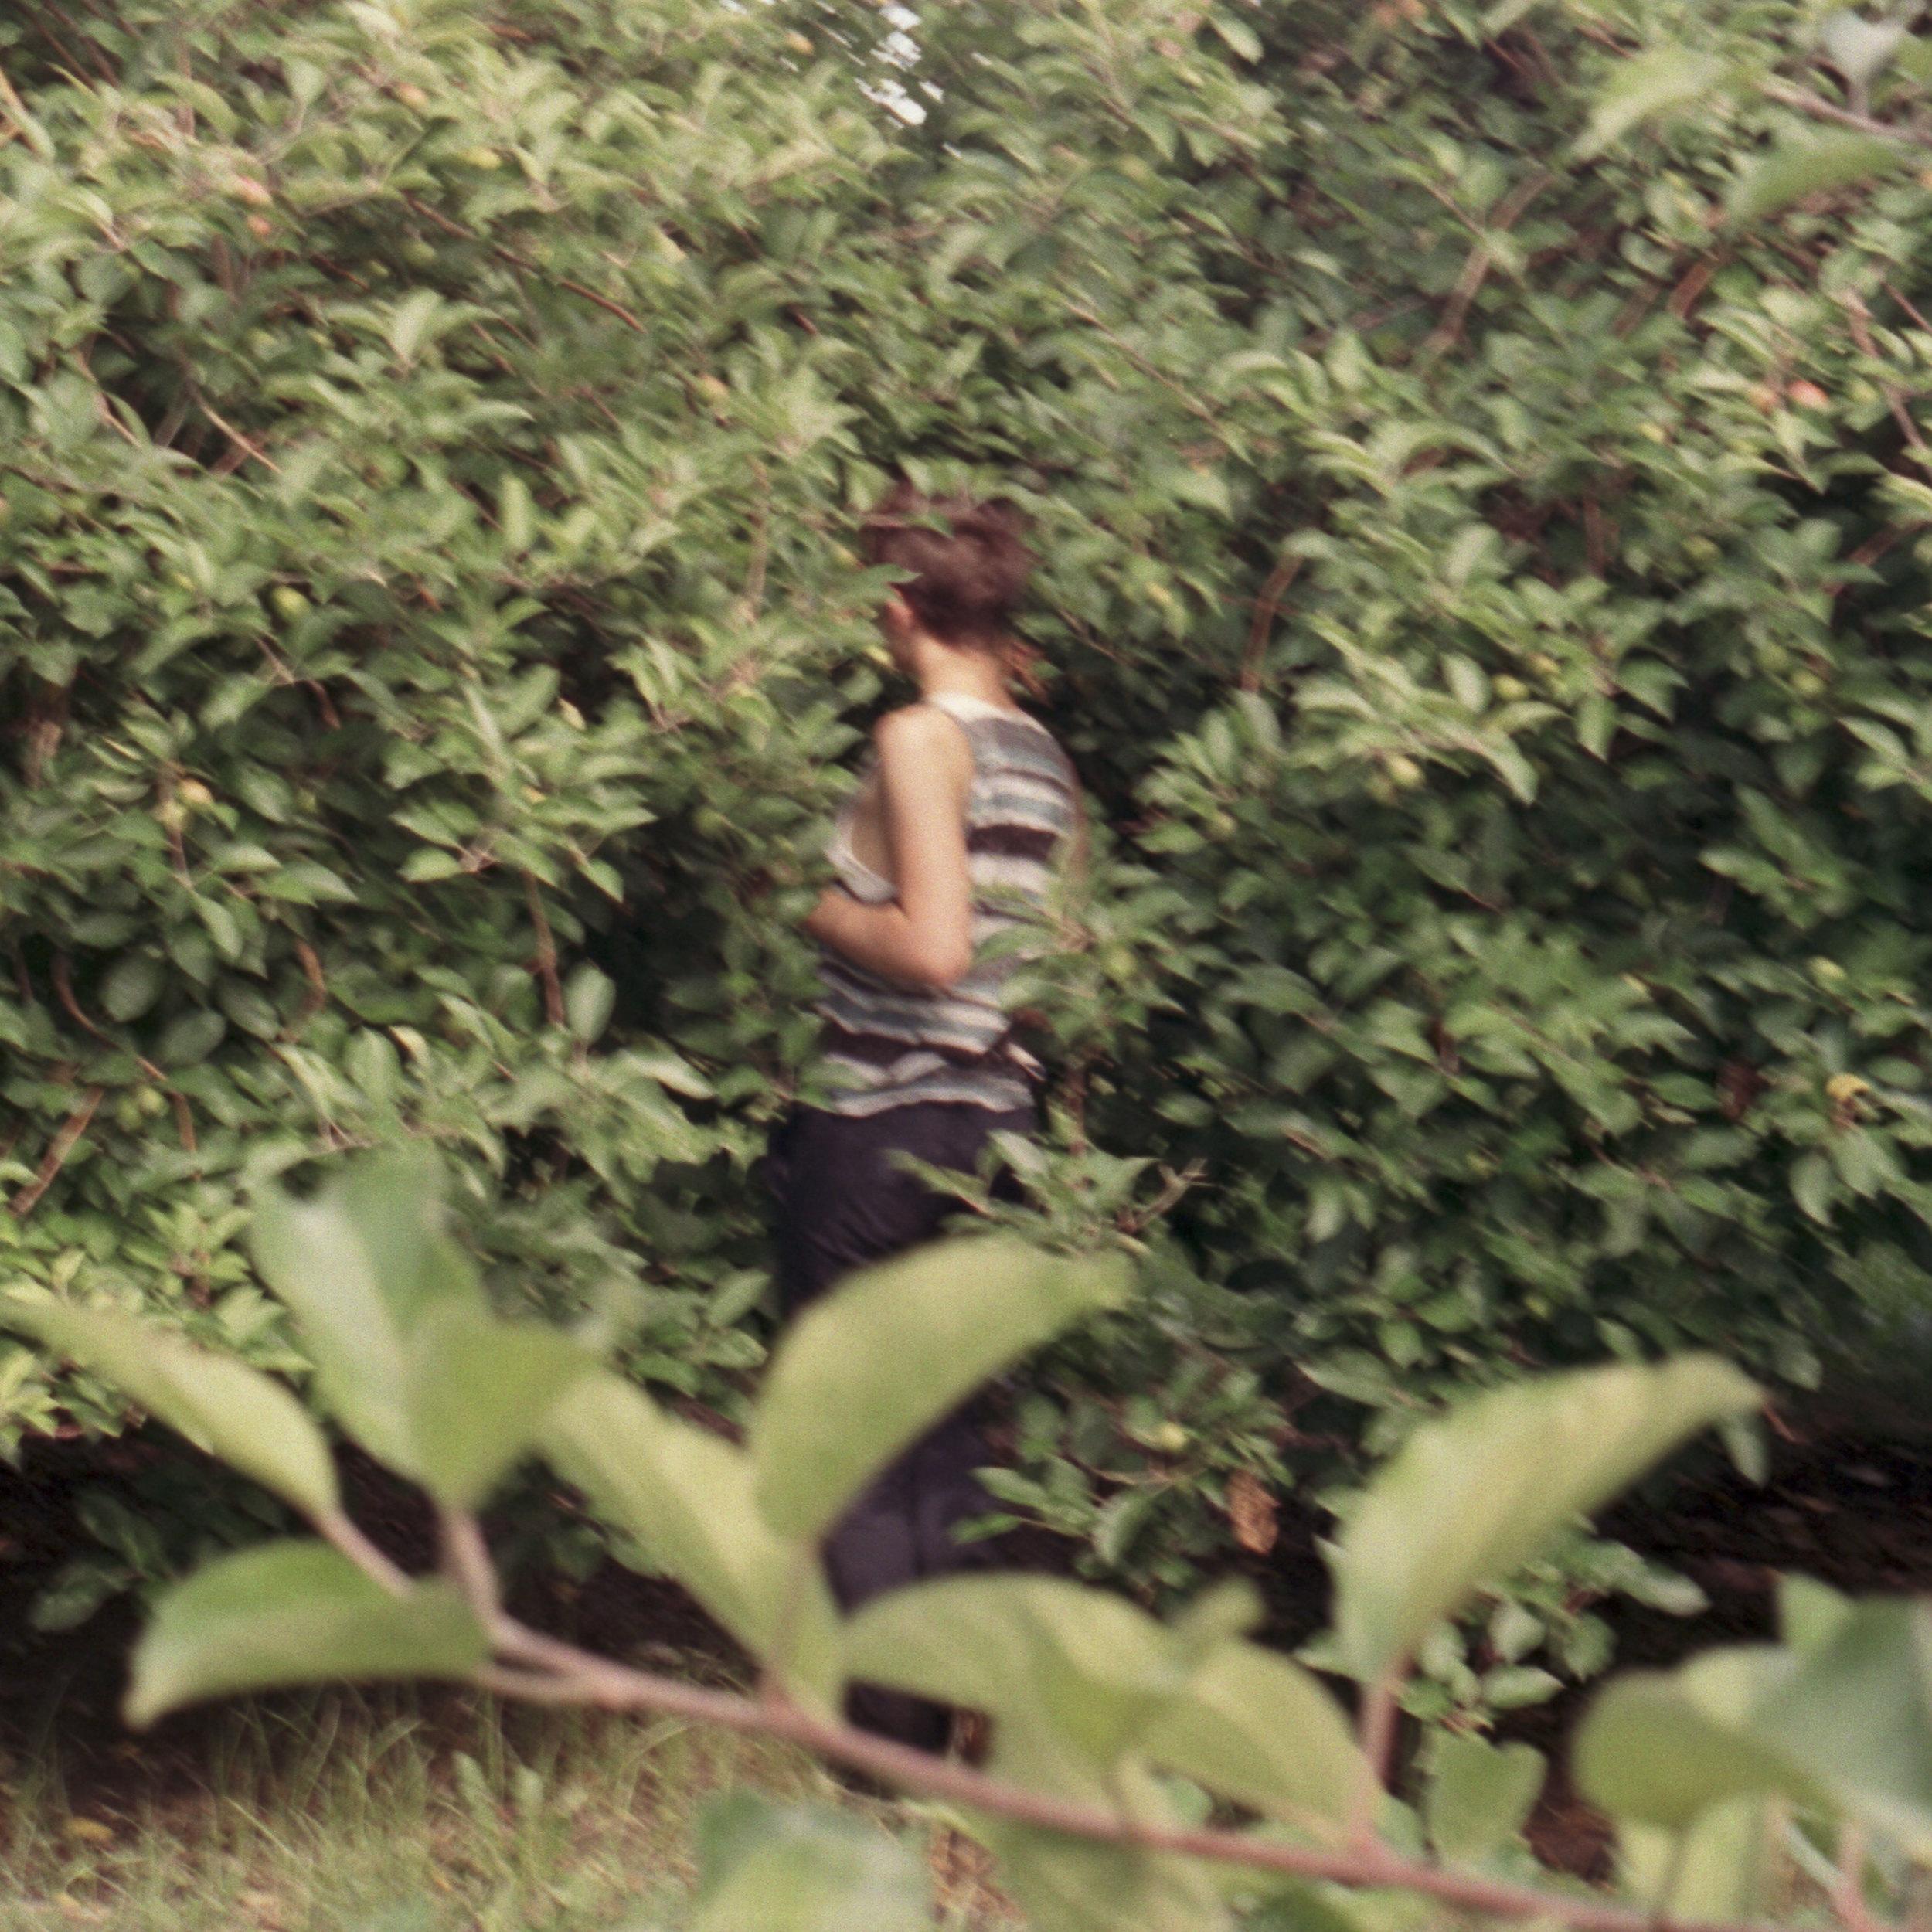 becca_trees_rochester.jpg